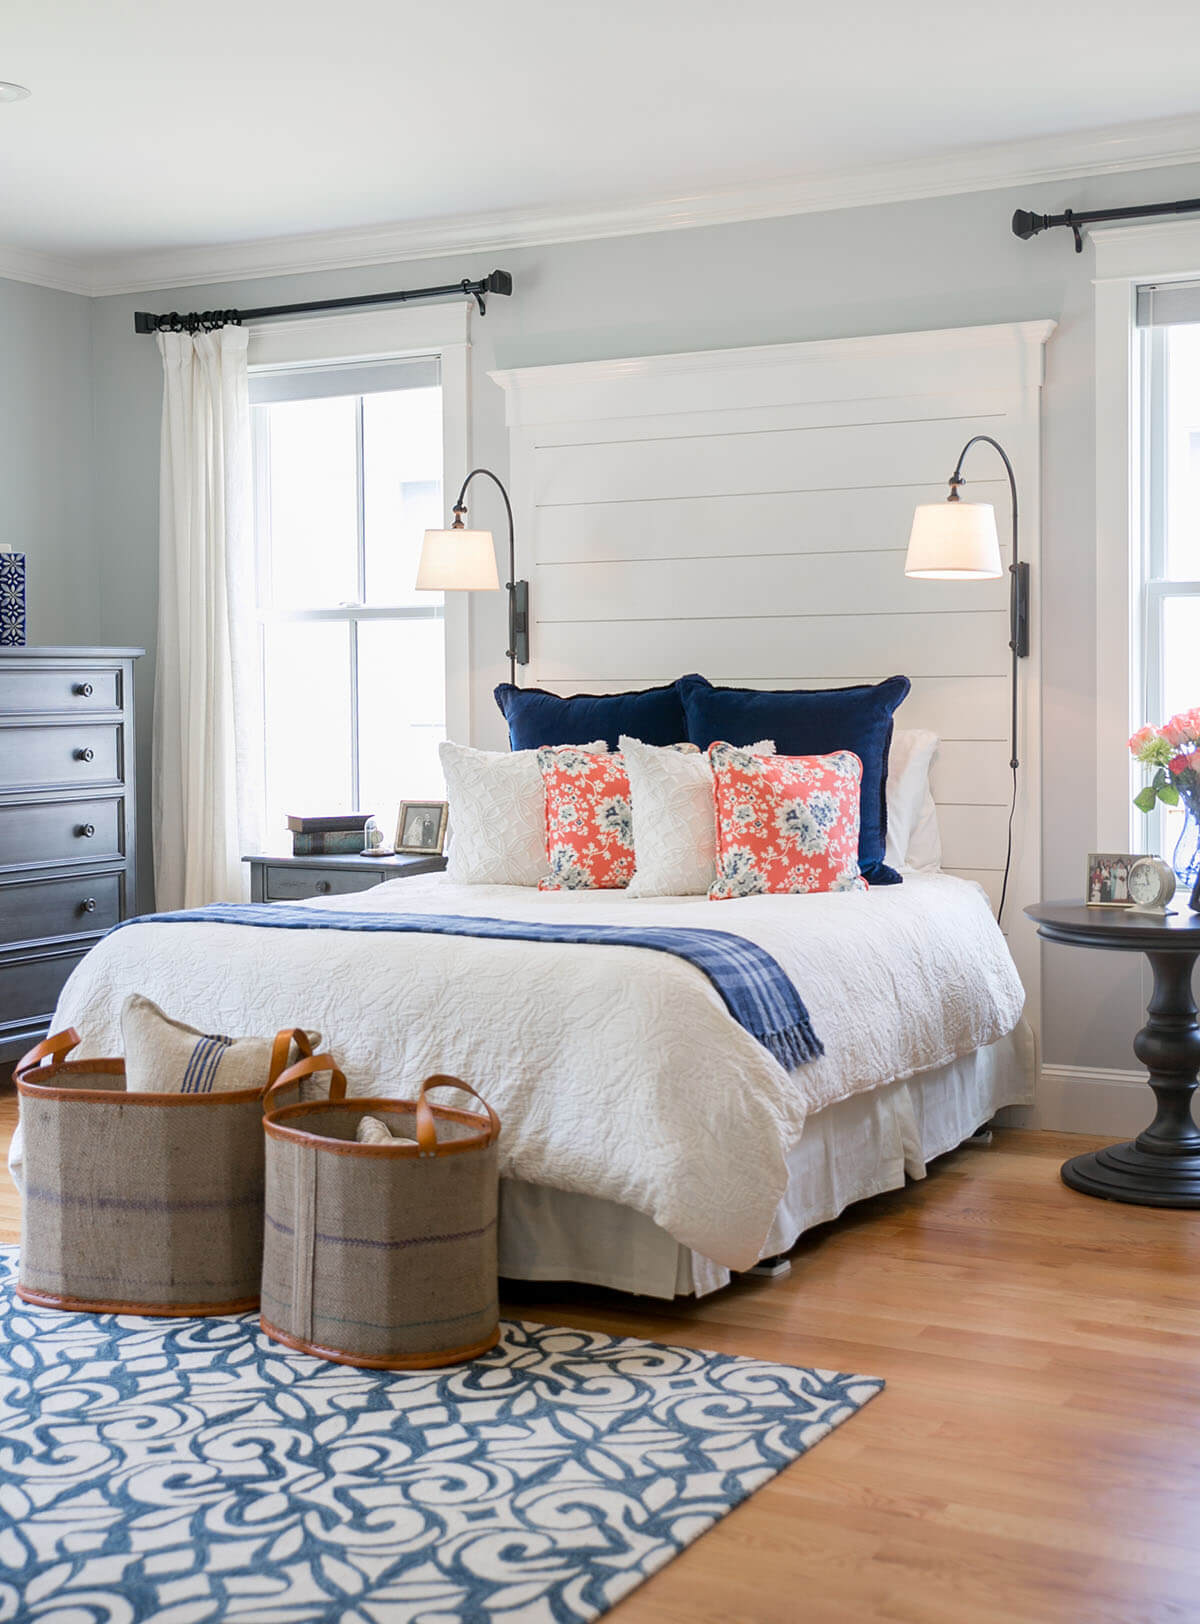 Une chambre pittoresque avec des oreillers lumineux